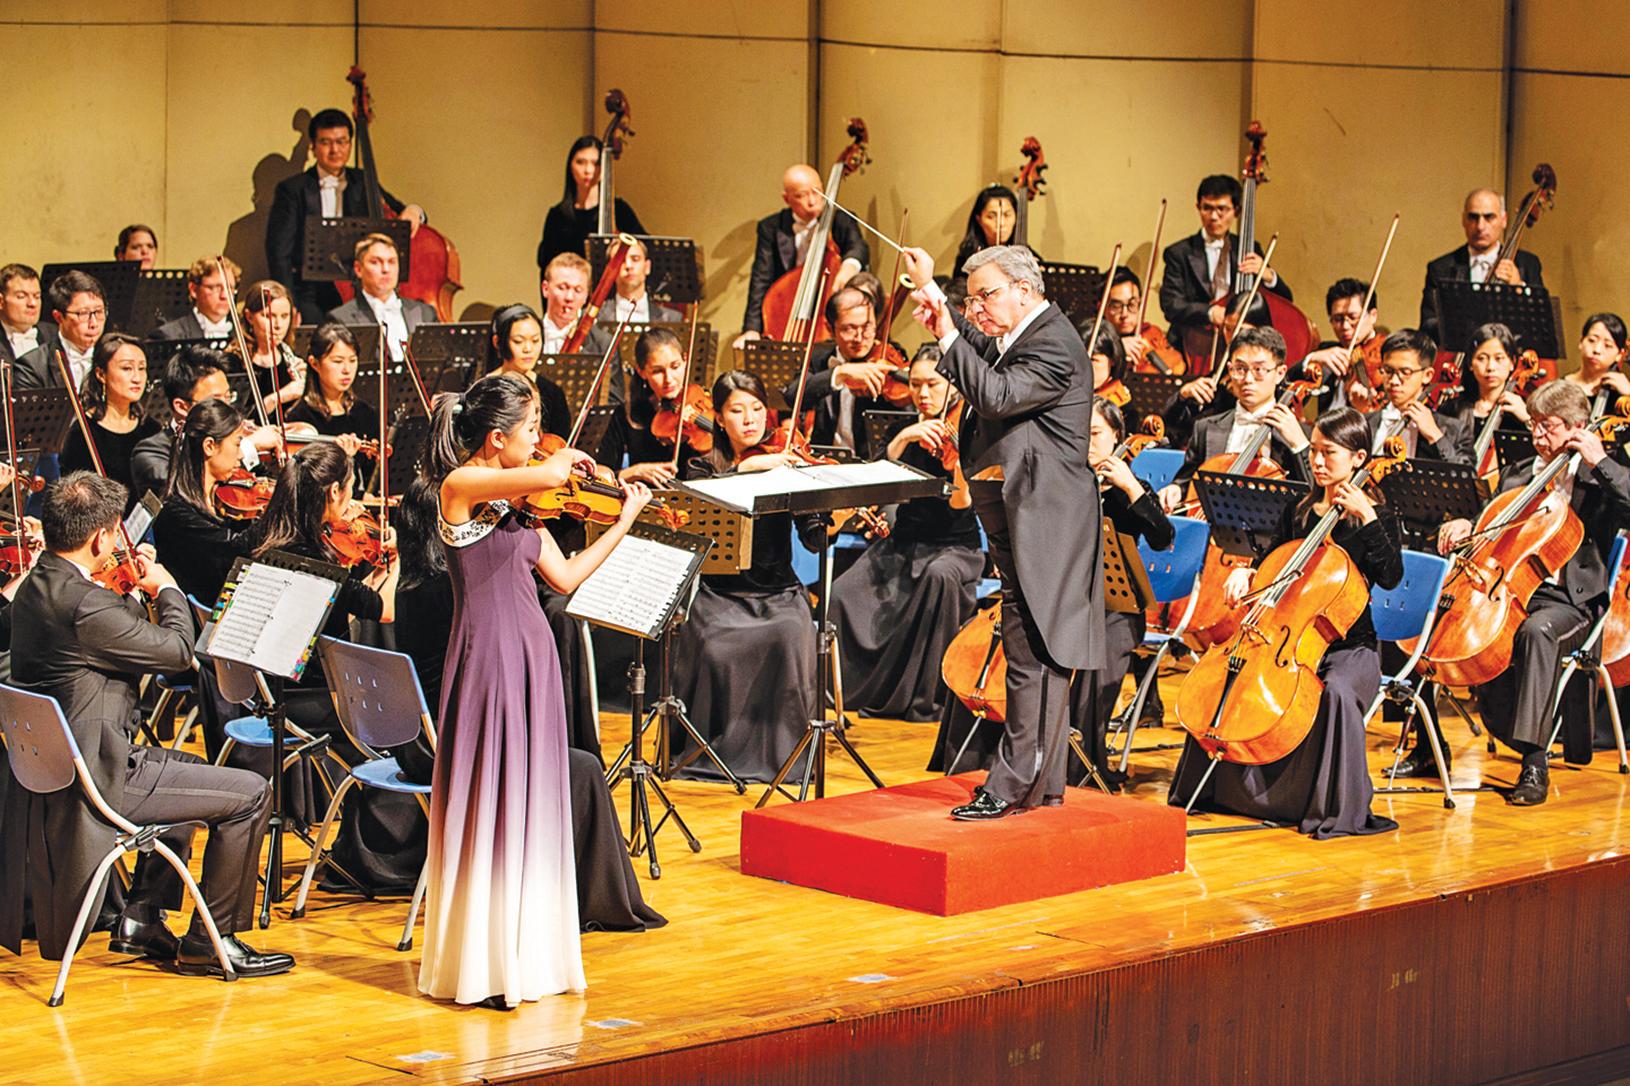 神韻交響樂團小提琴演奏家鄭媛慧的演出。(鄭順利/大紀元)